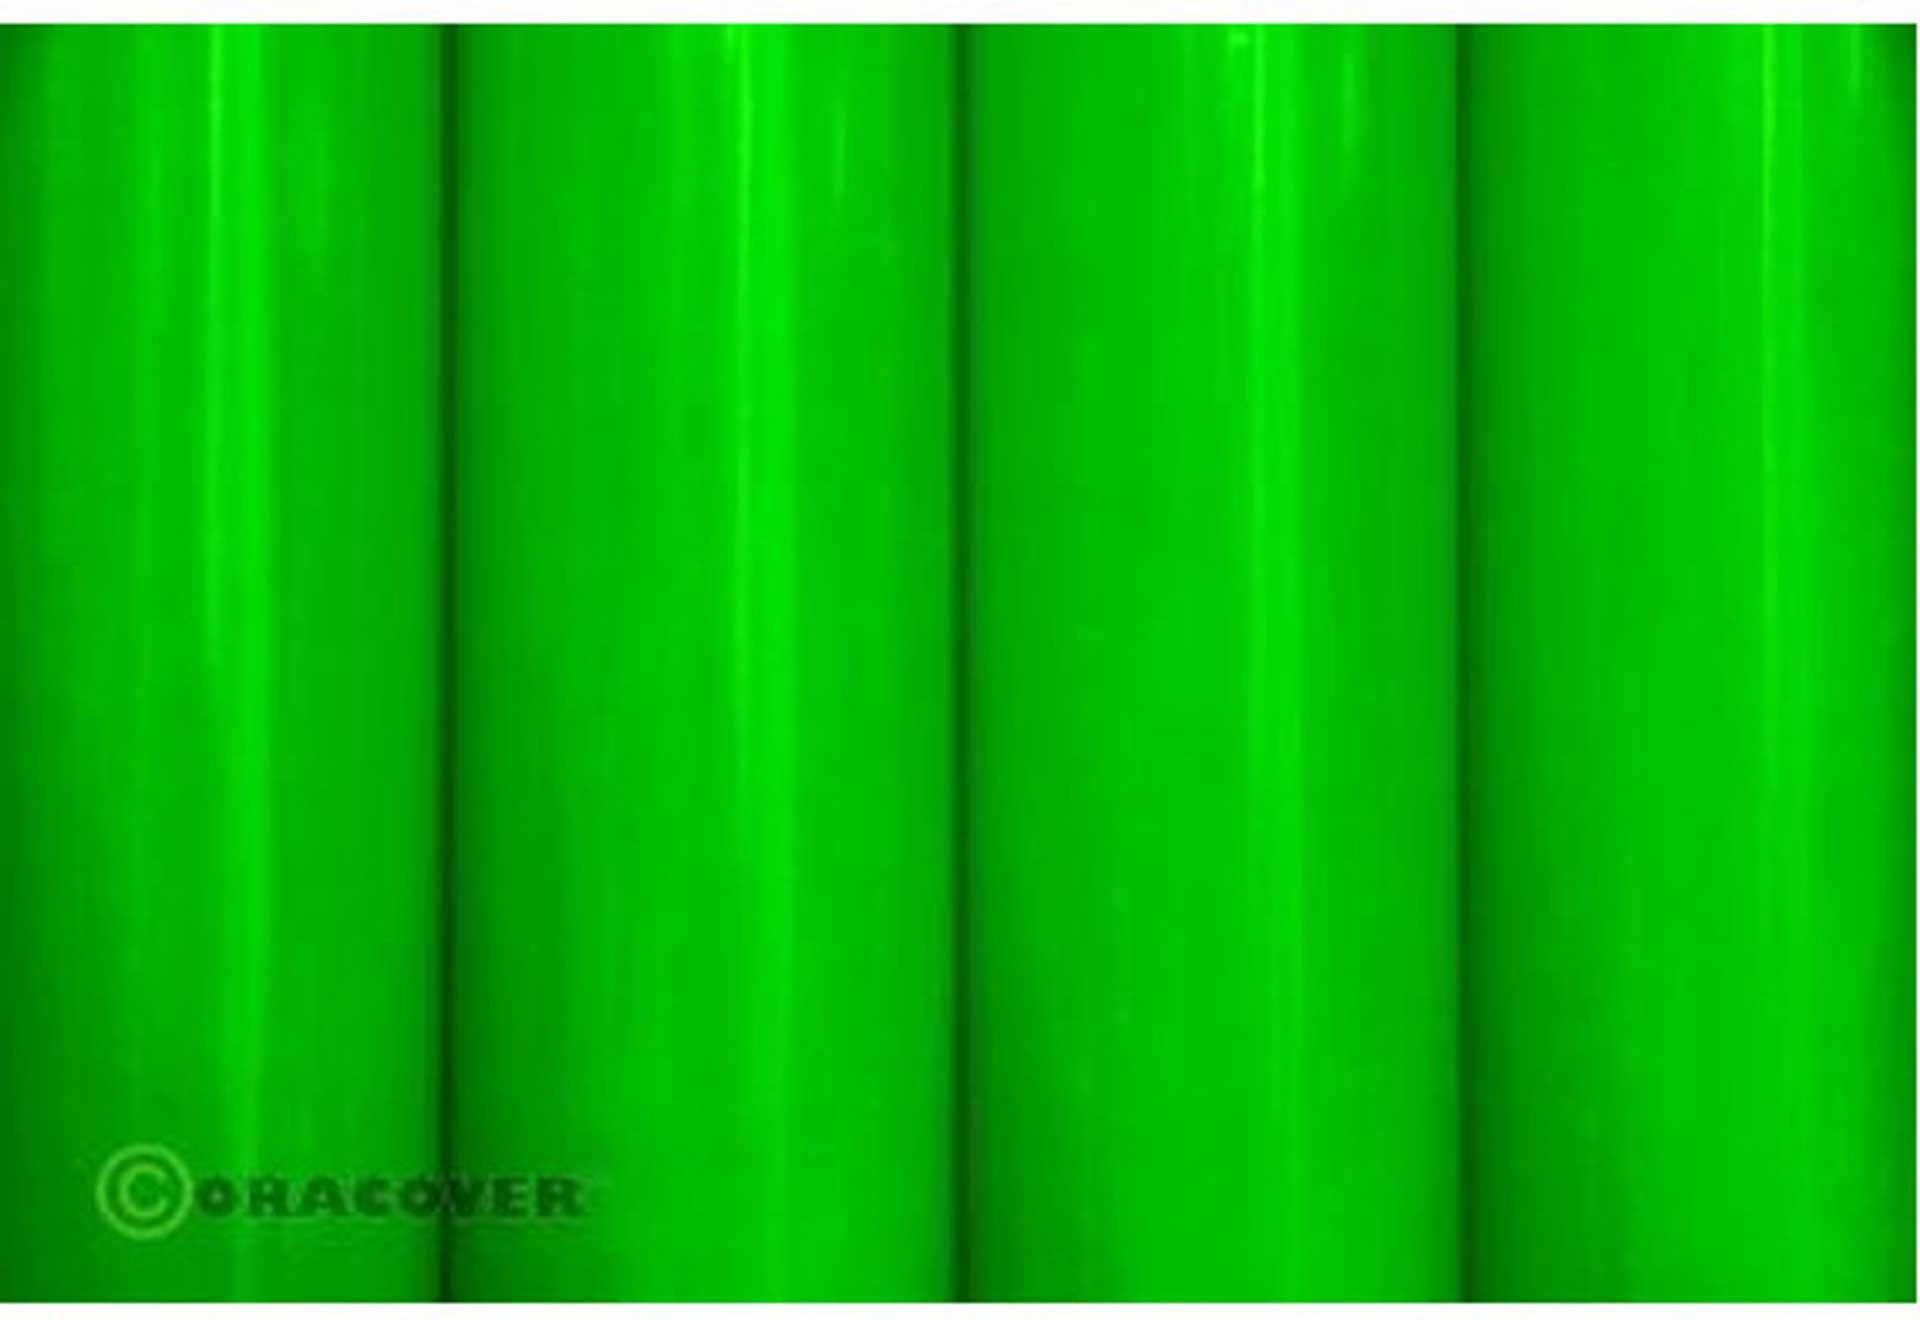 ORACOVER Klebefolie GRÜN FLUORESZIEREND 3 Meter # 41 Orastick